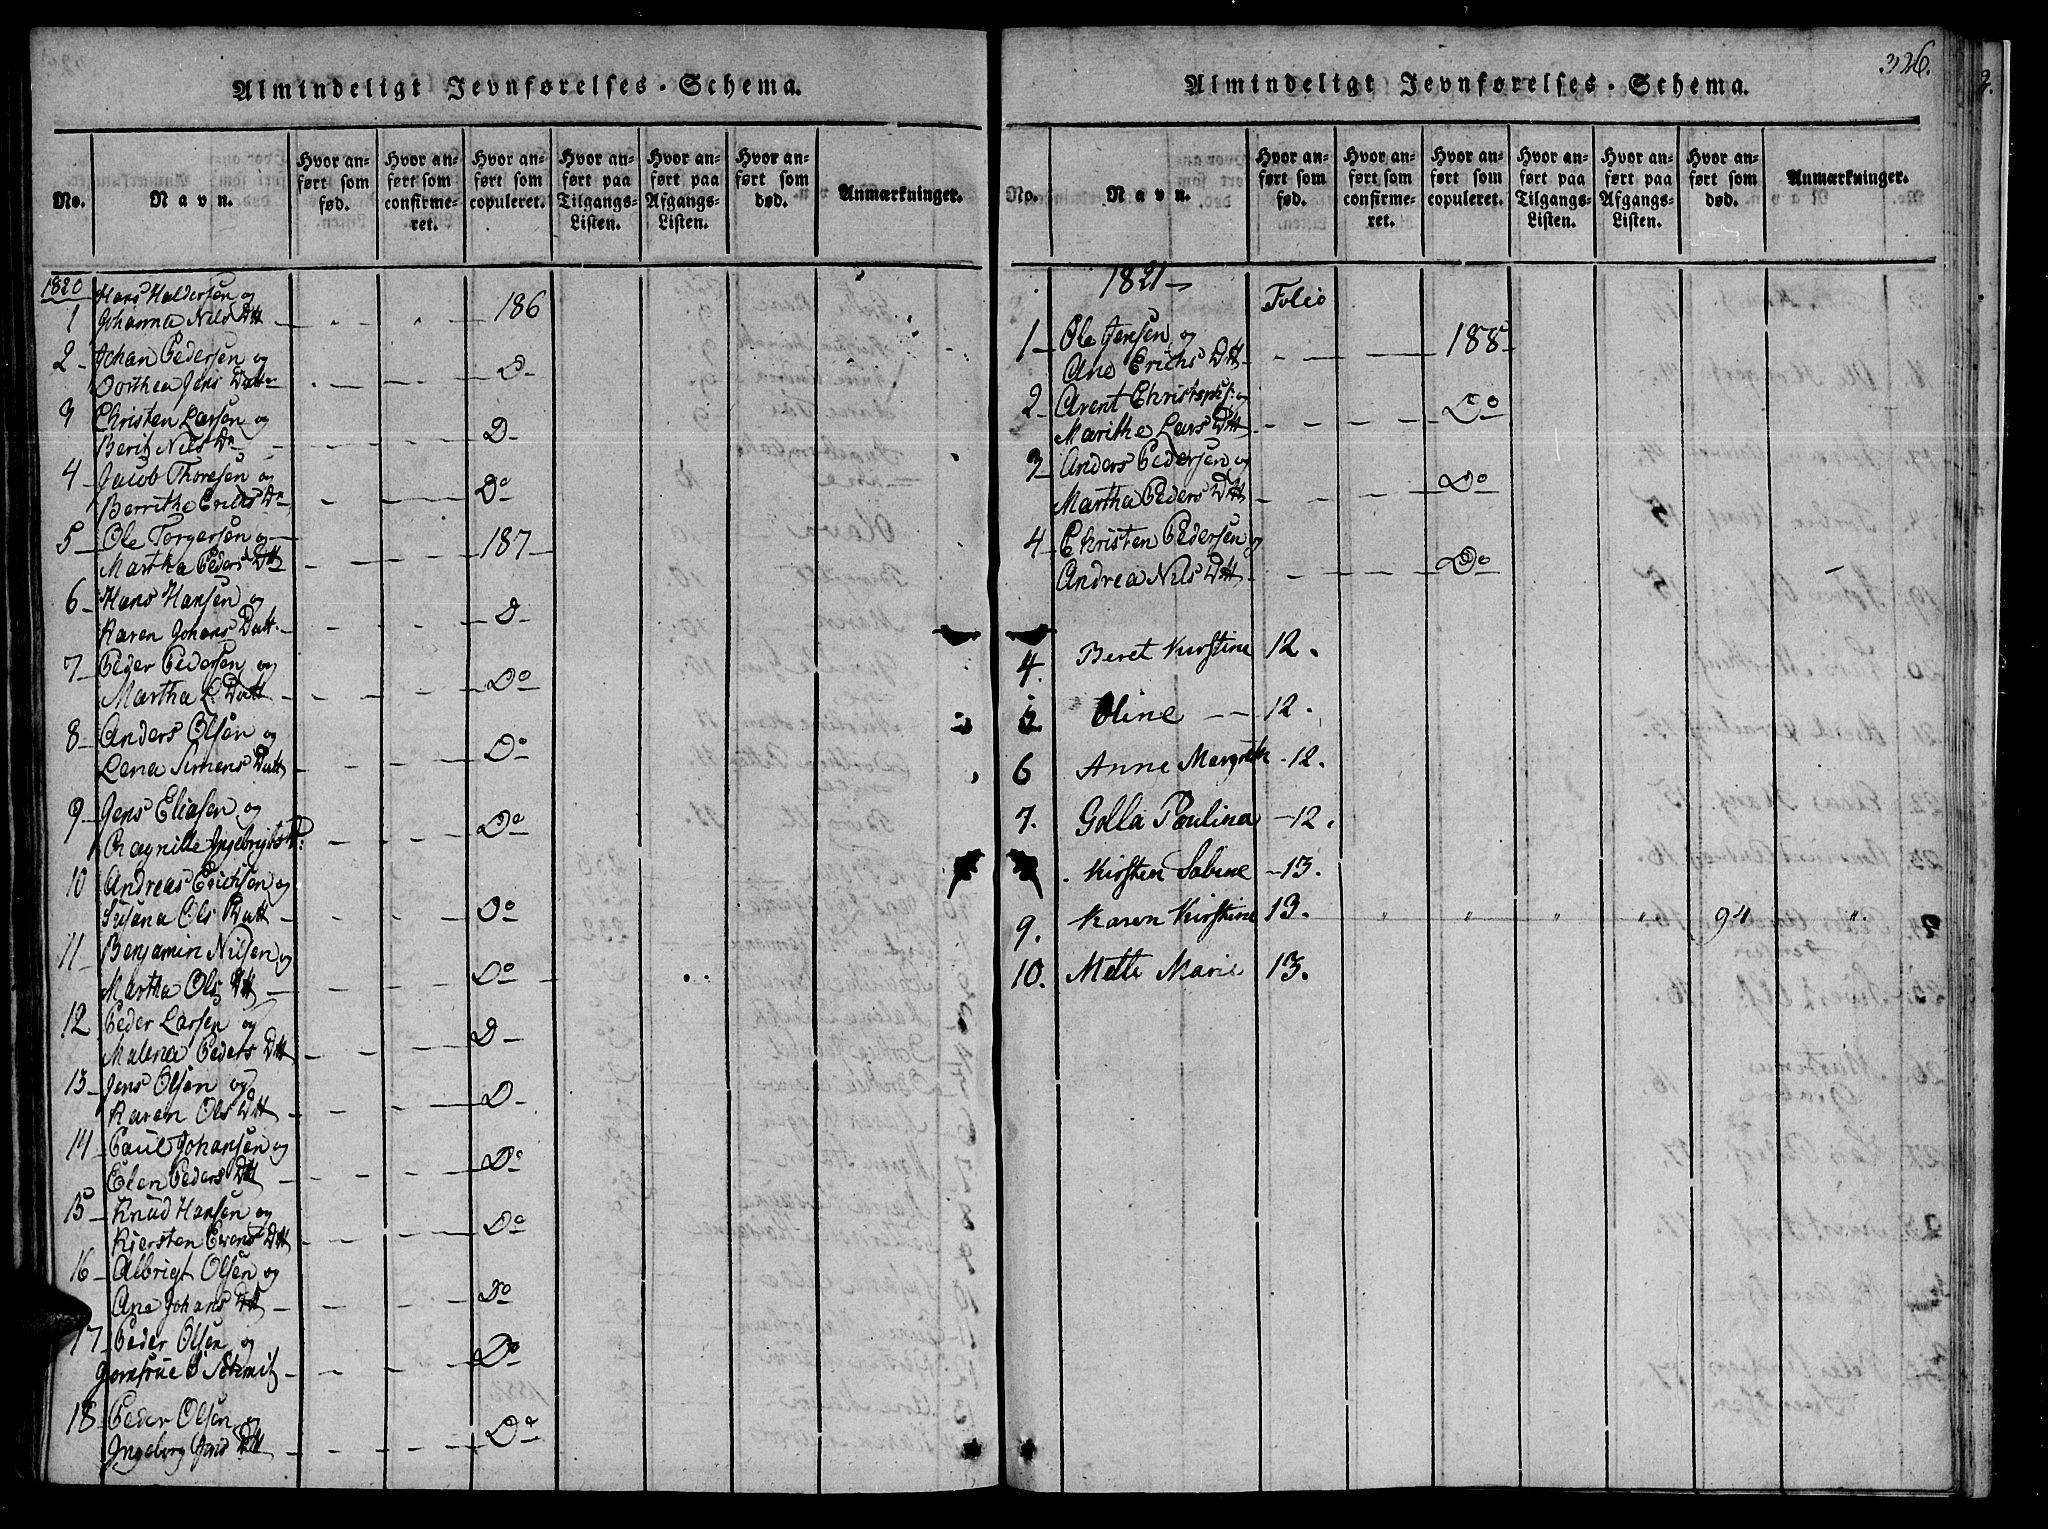 SAT, Ministerialprotokoller, klokkerbøker og fødselsregistre - Sør-Trøndelag, 655/L0675: Ministerialbok nr. 655A04, 1818-1830, s. 326